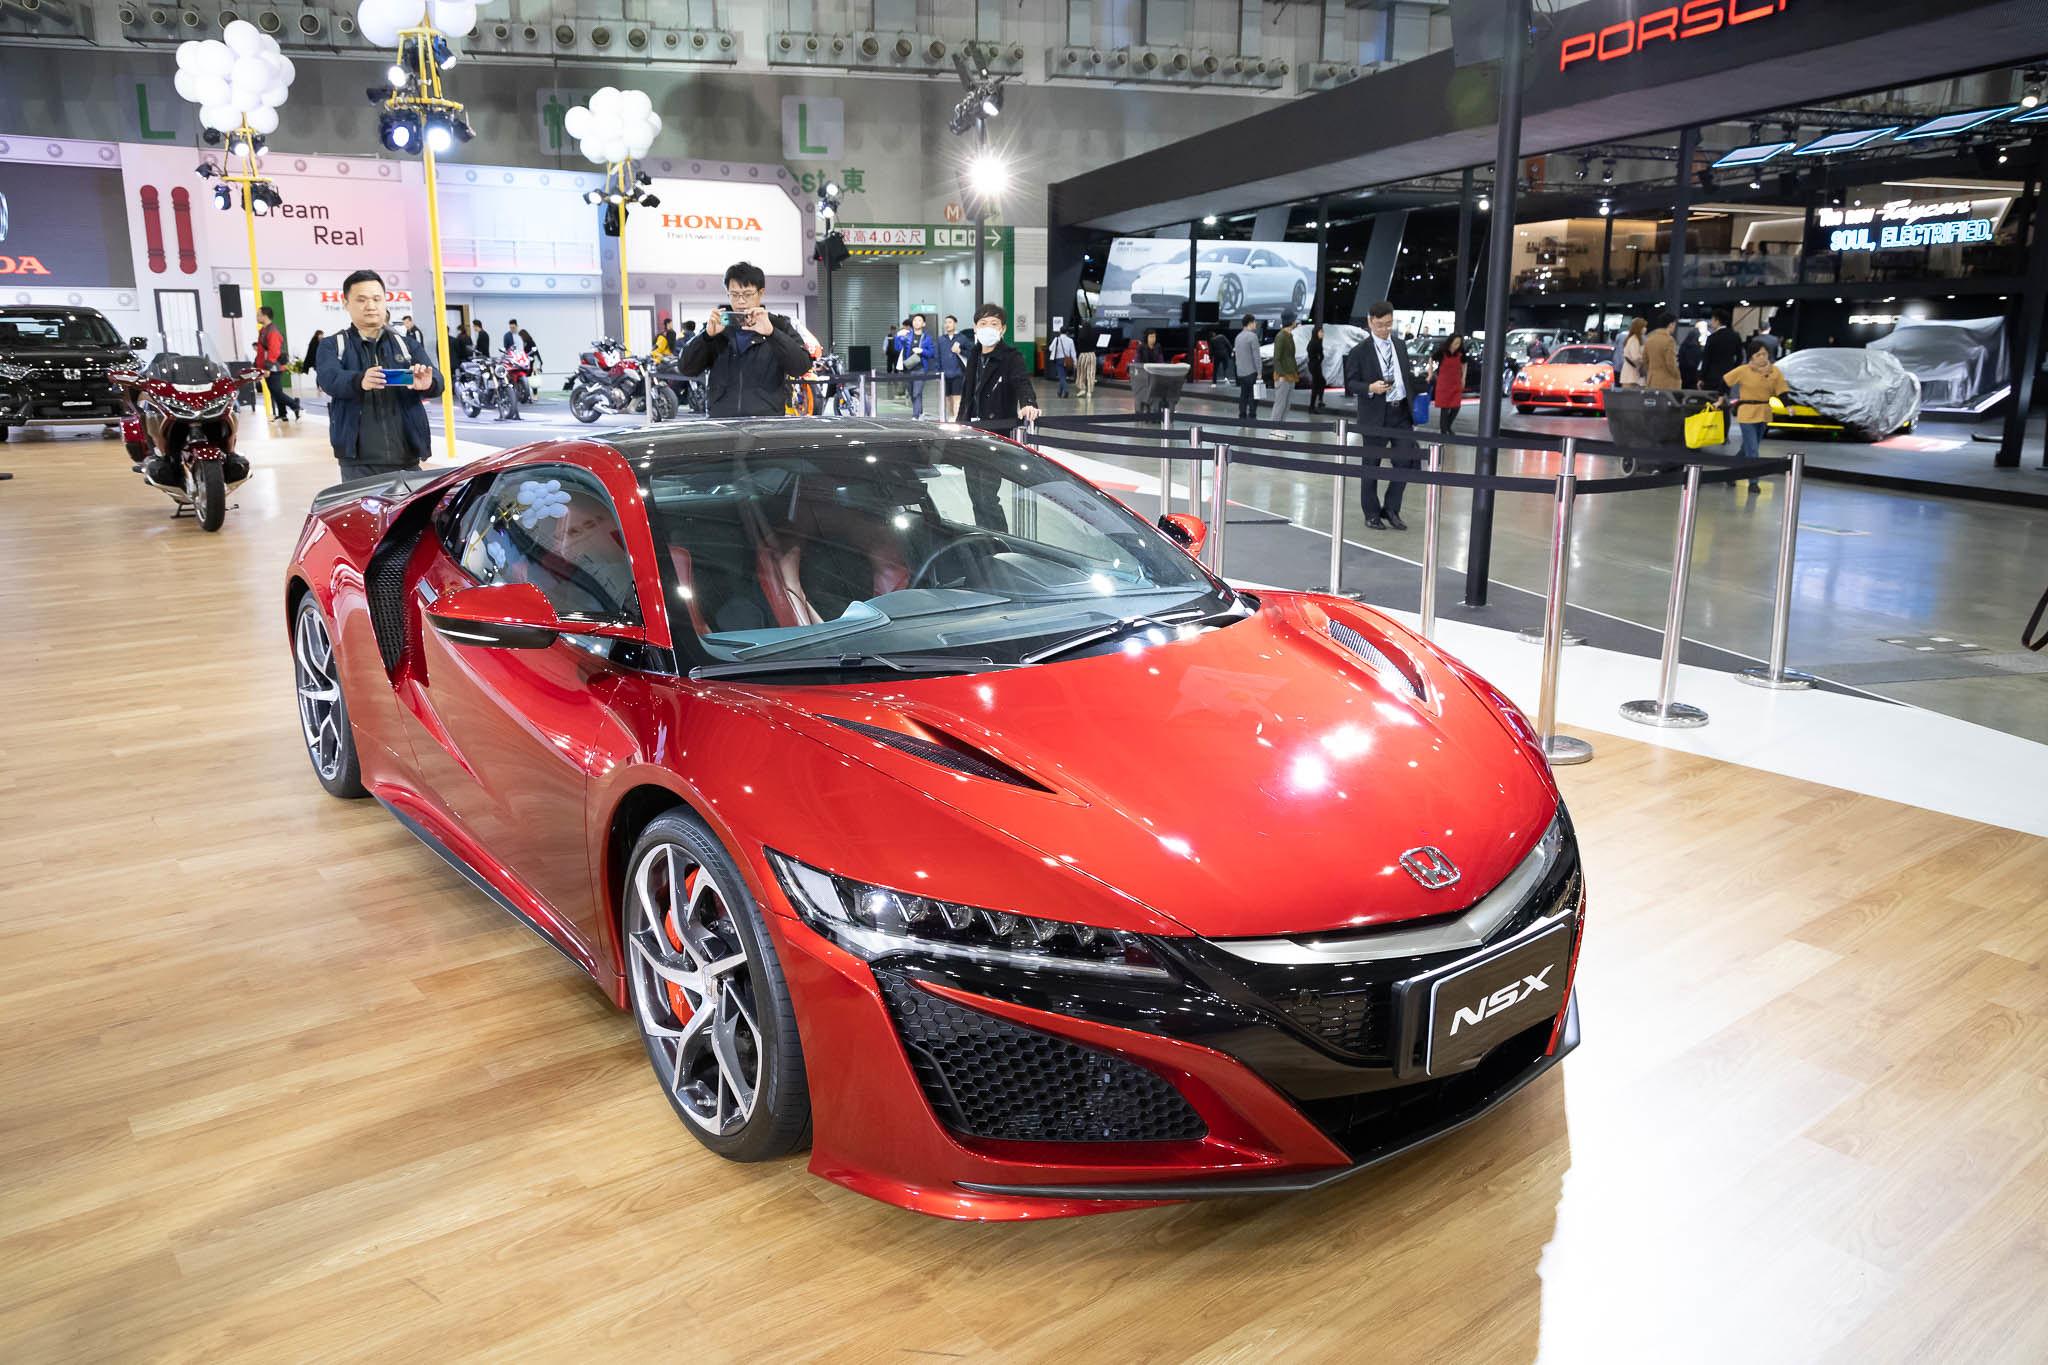 汽車 Cars - 台北 2020 Taipei 2020 #0137